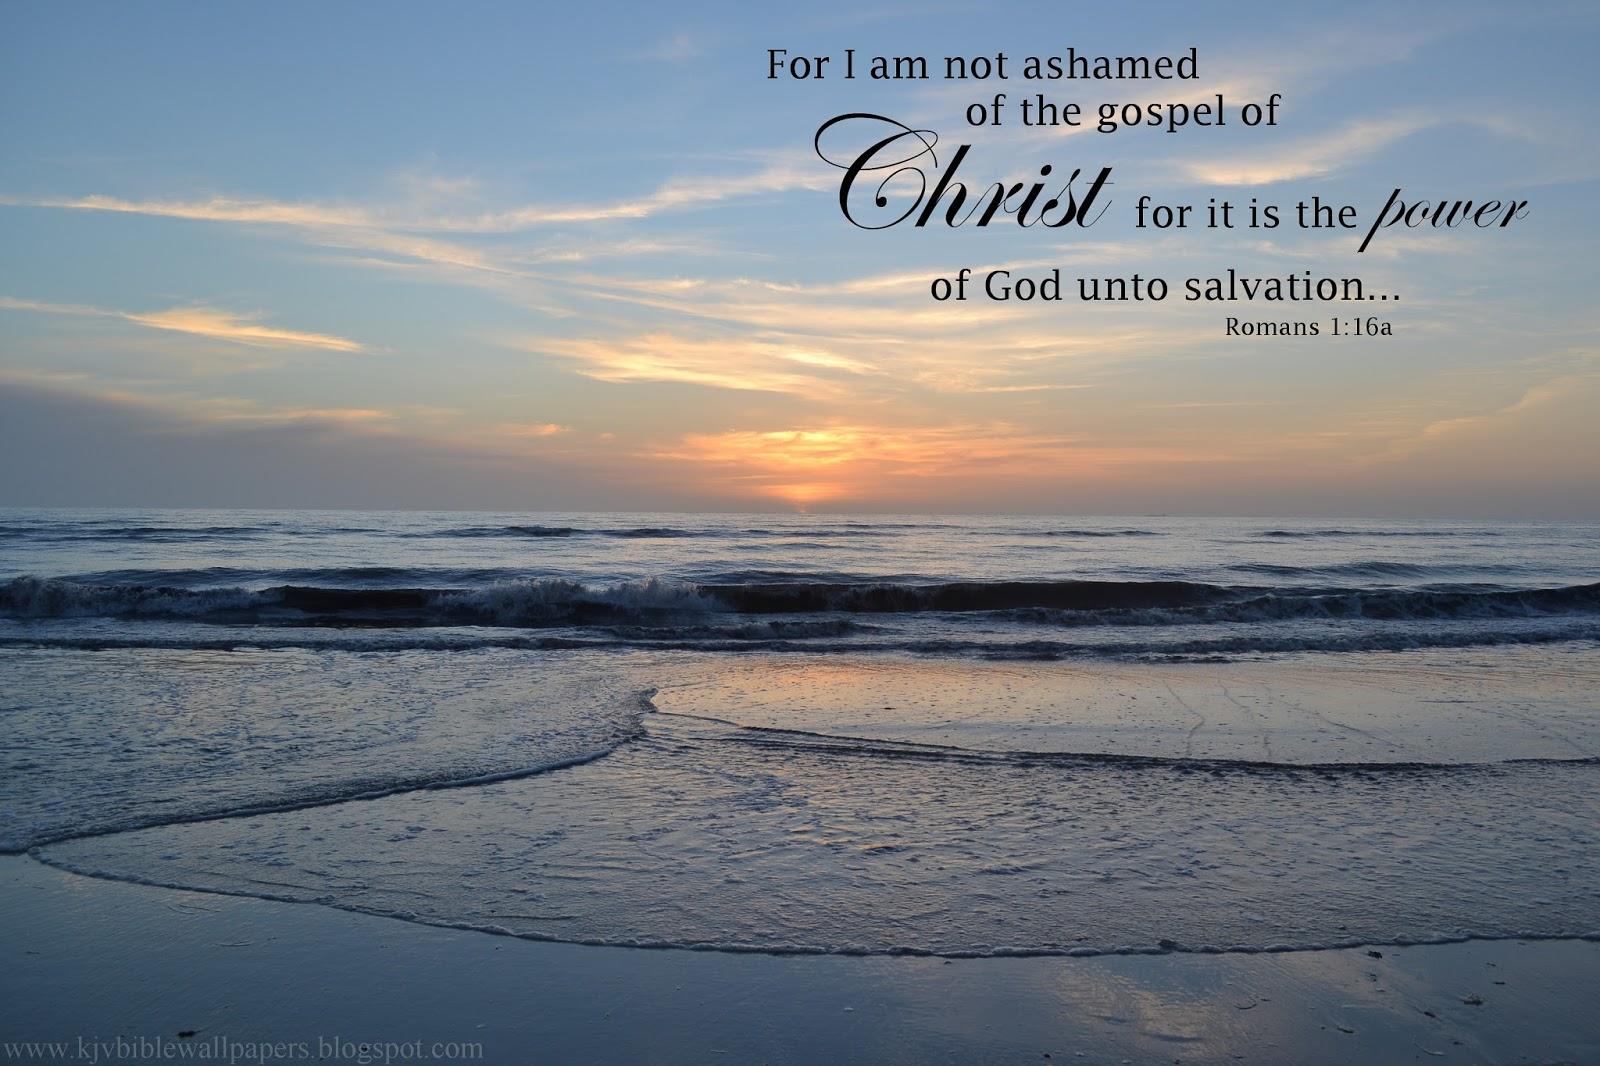 KJV Bible Wallpapers: Not Ashamed - Romans 1:16